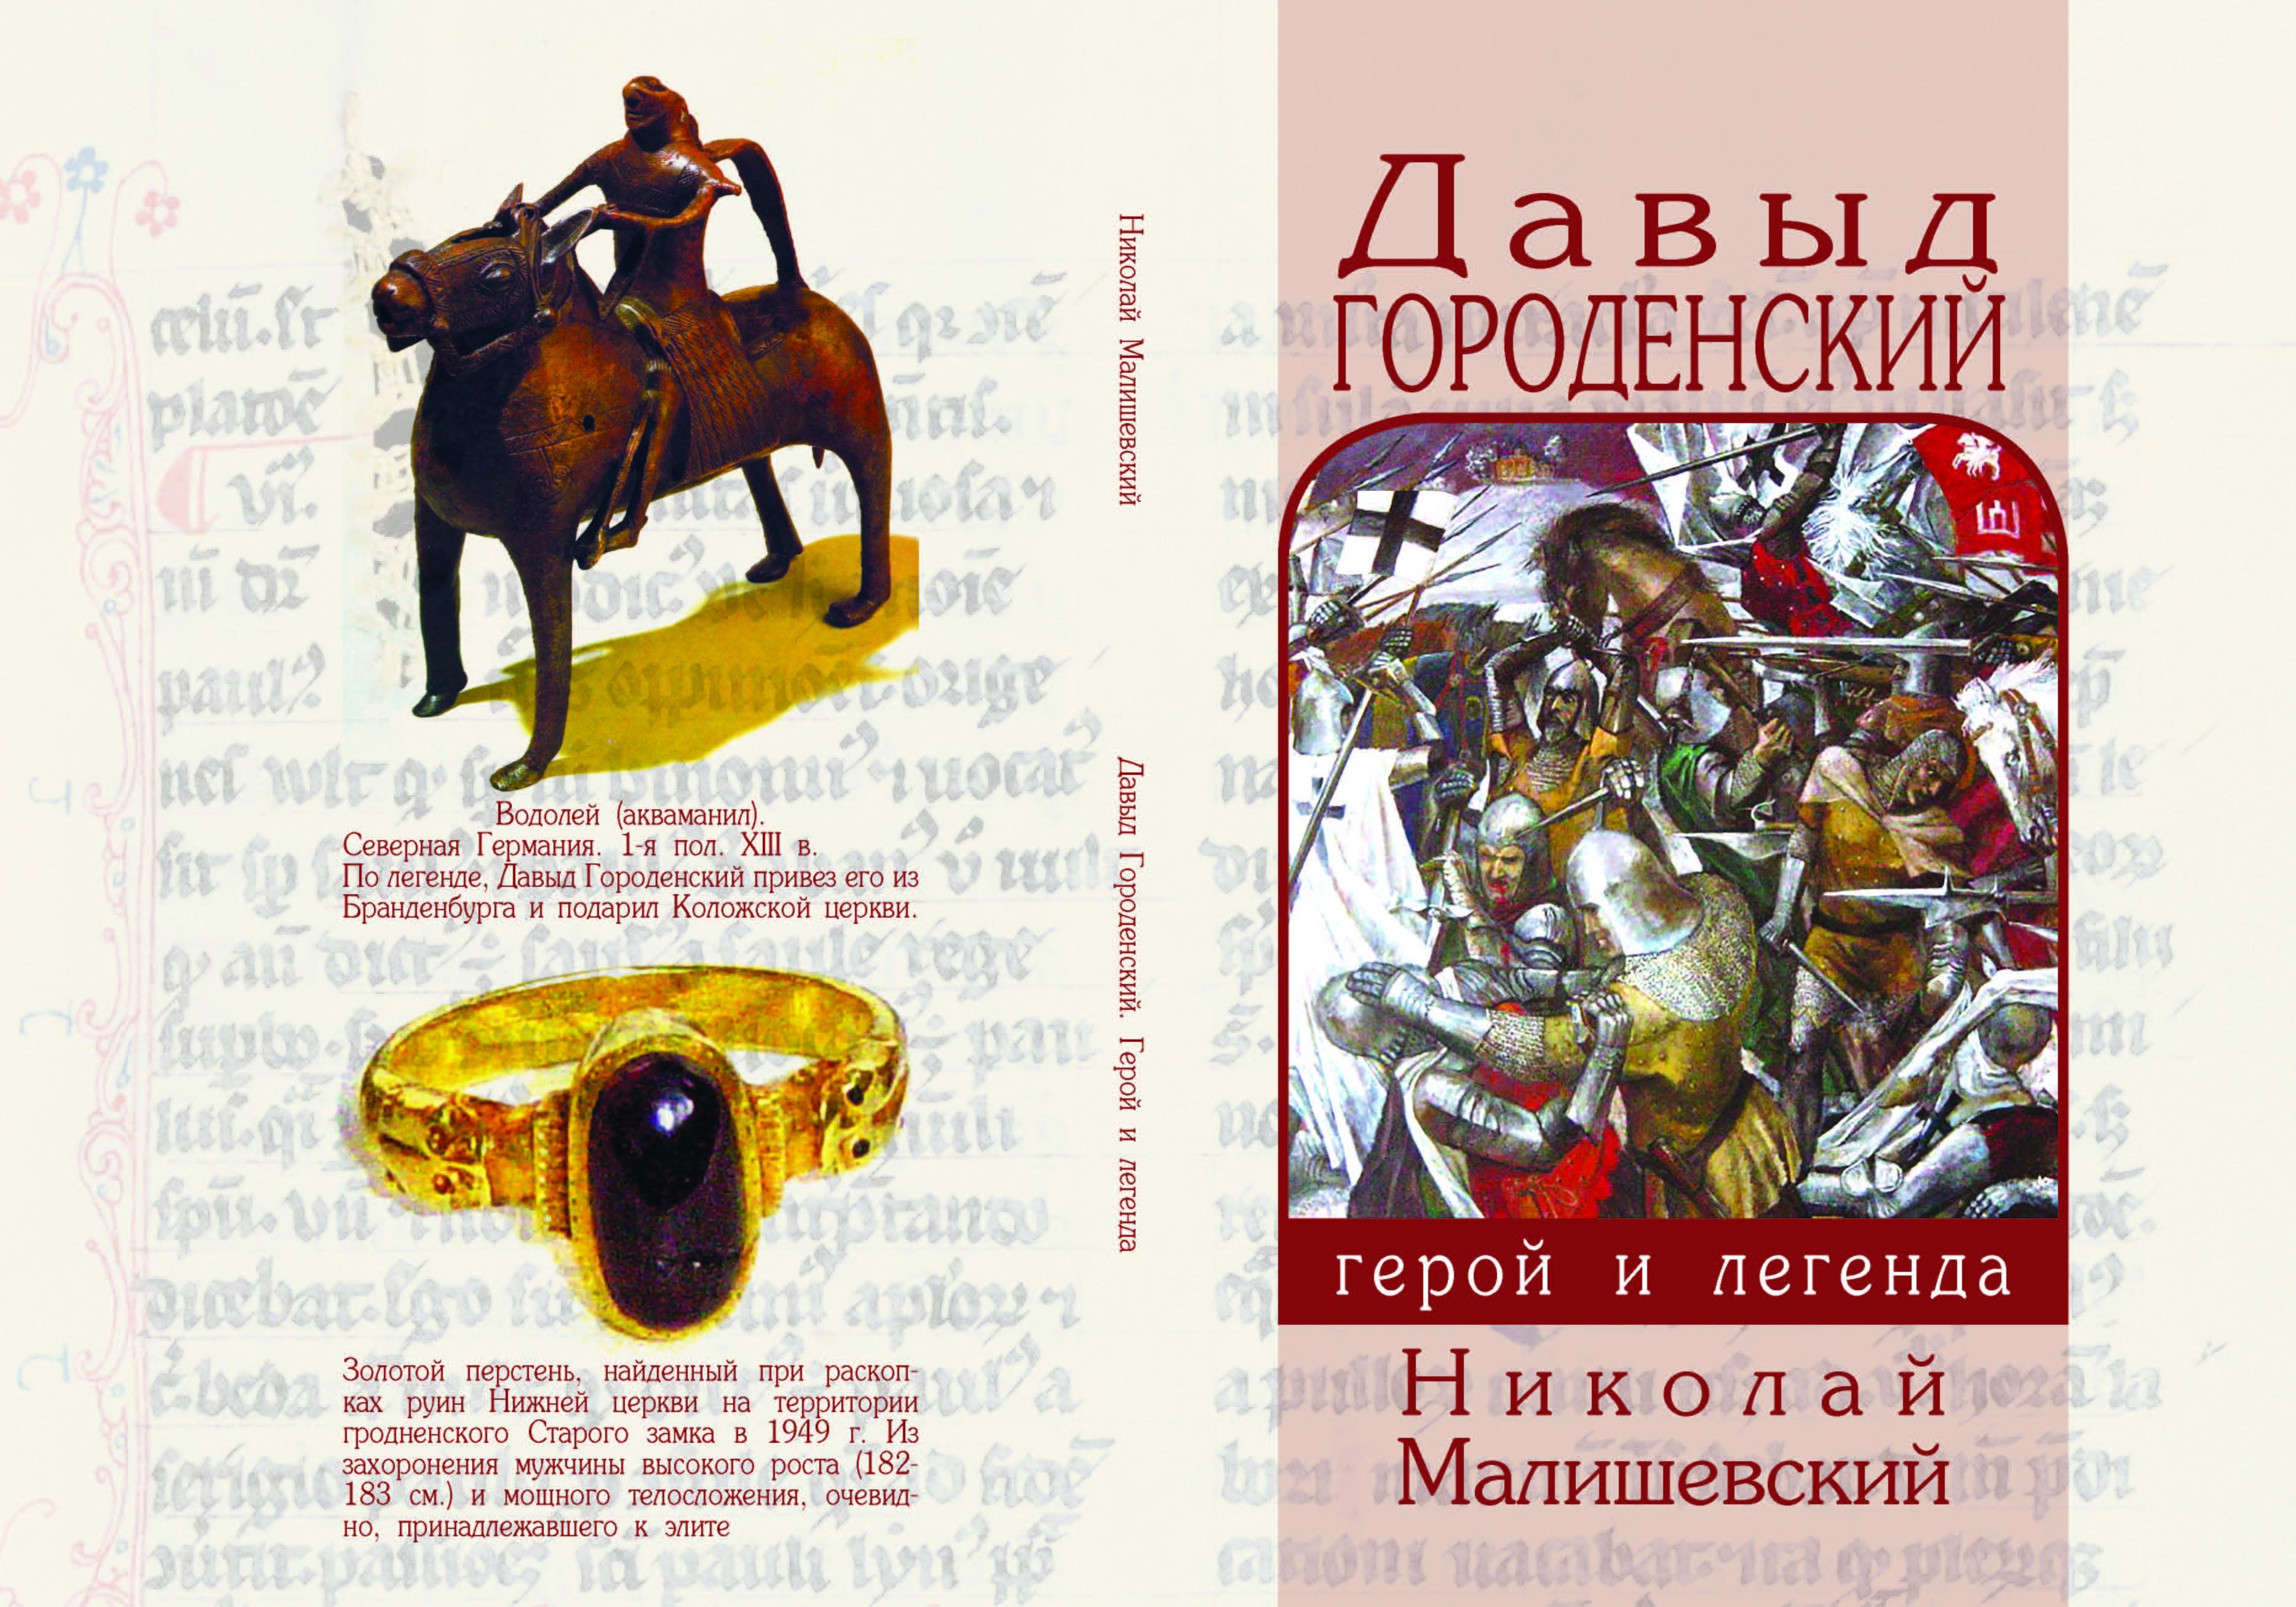 Николай Малишевский, «Давыд Городенский»